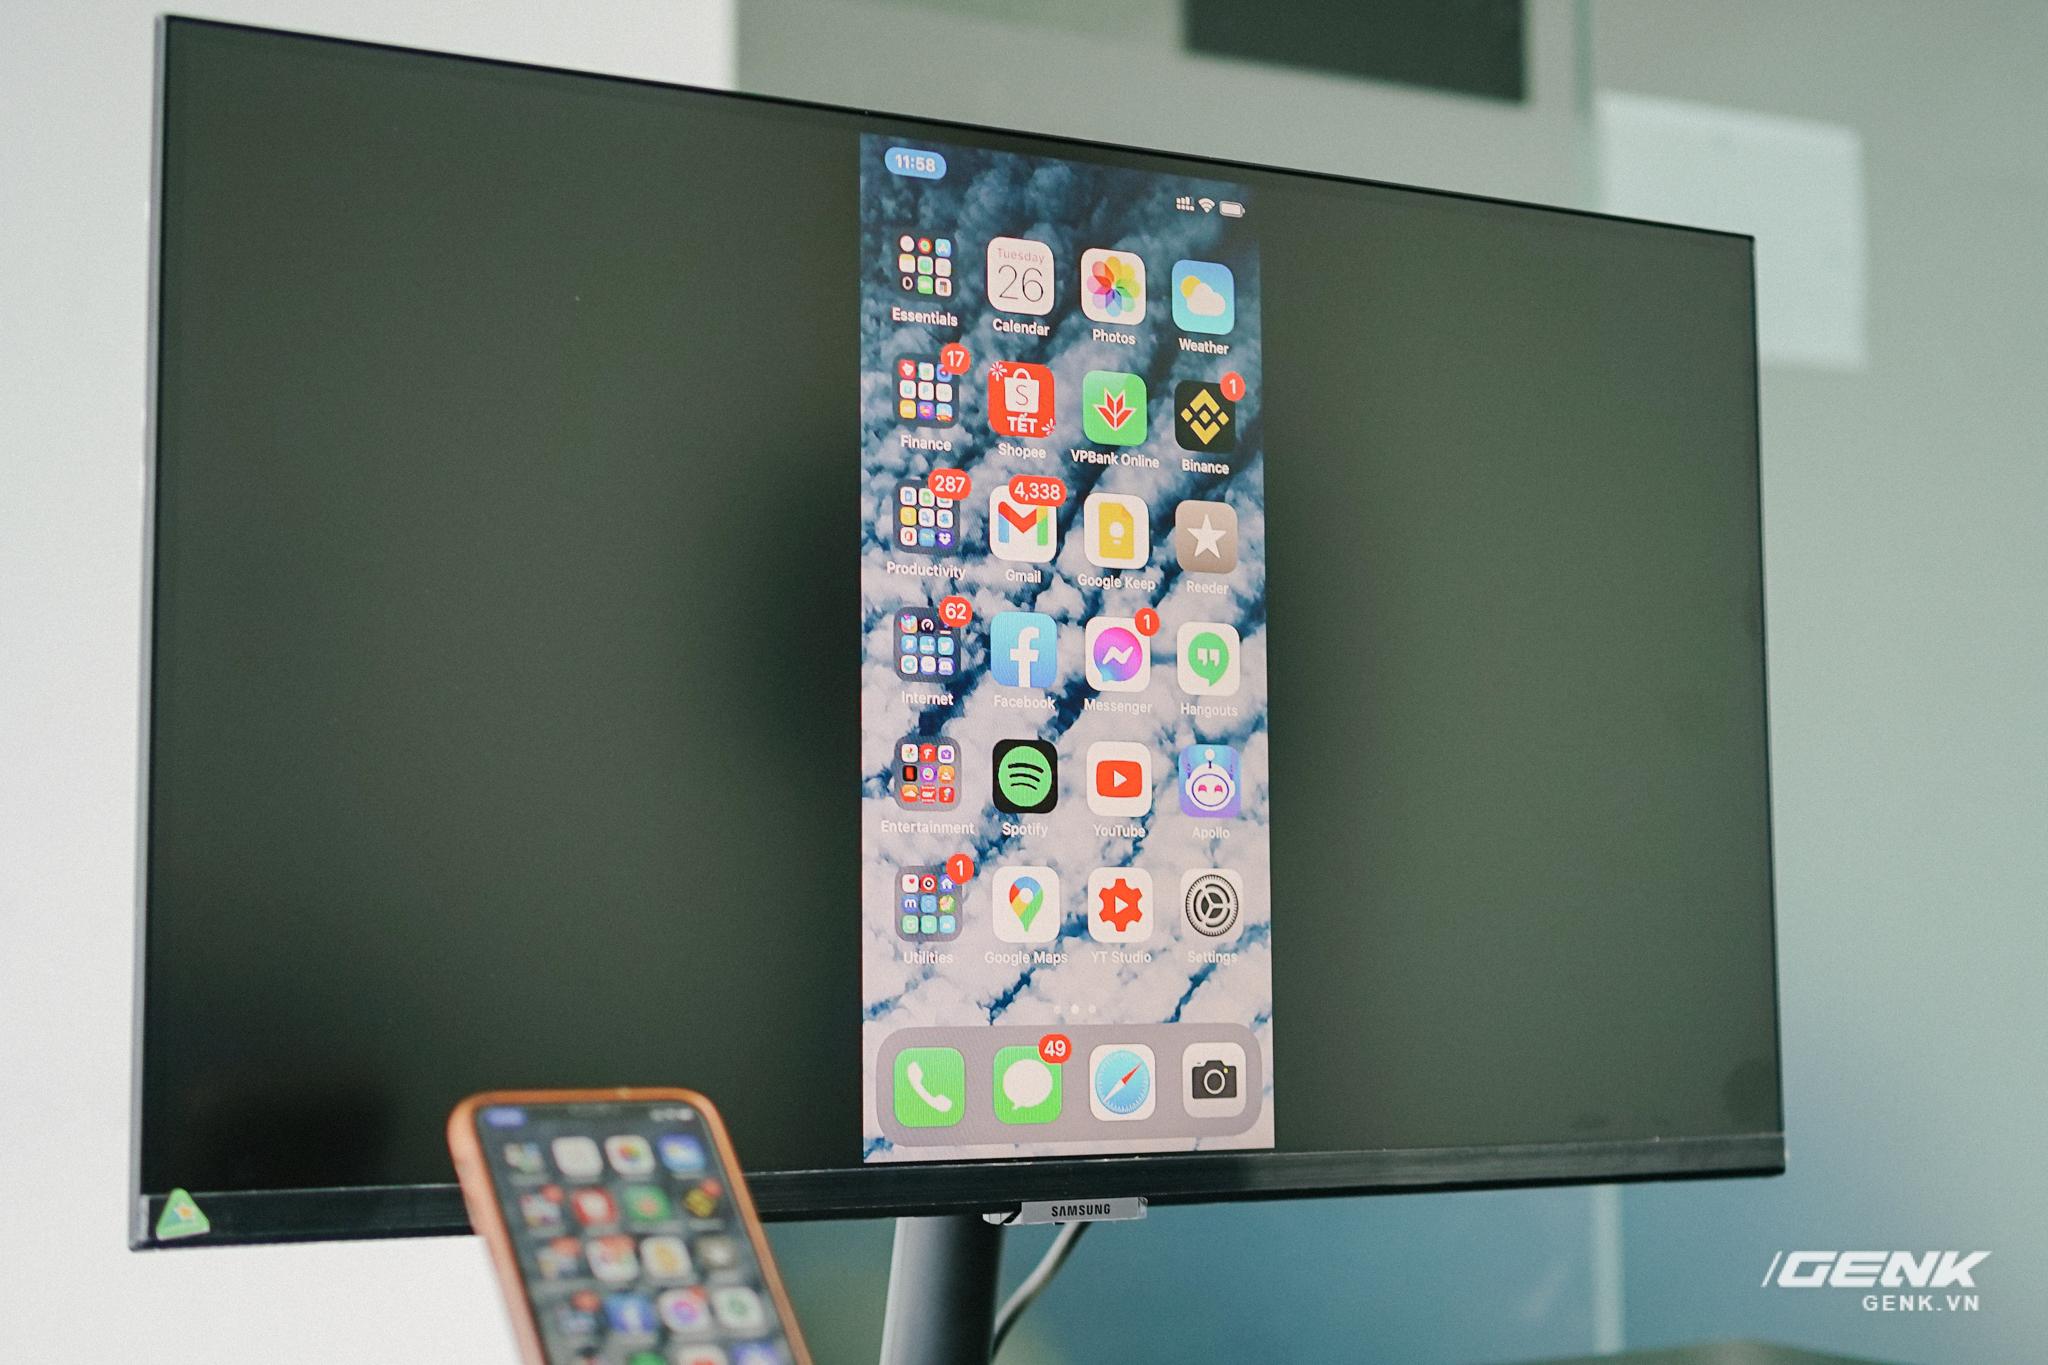 Cận cảnh Samsung M5: Màn hình thông minh mới của Samsung có thể hoạt động độc lập không cần máy tính, giá từ 7 triệu đồng - Ảnh 8.